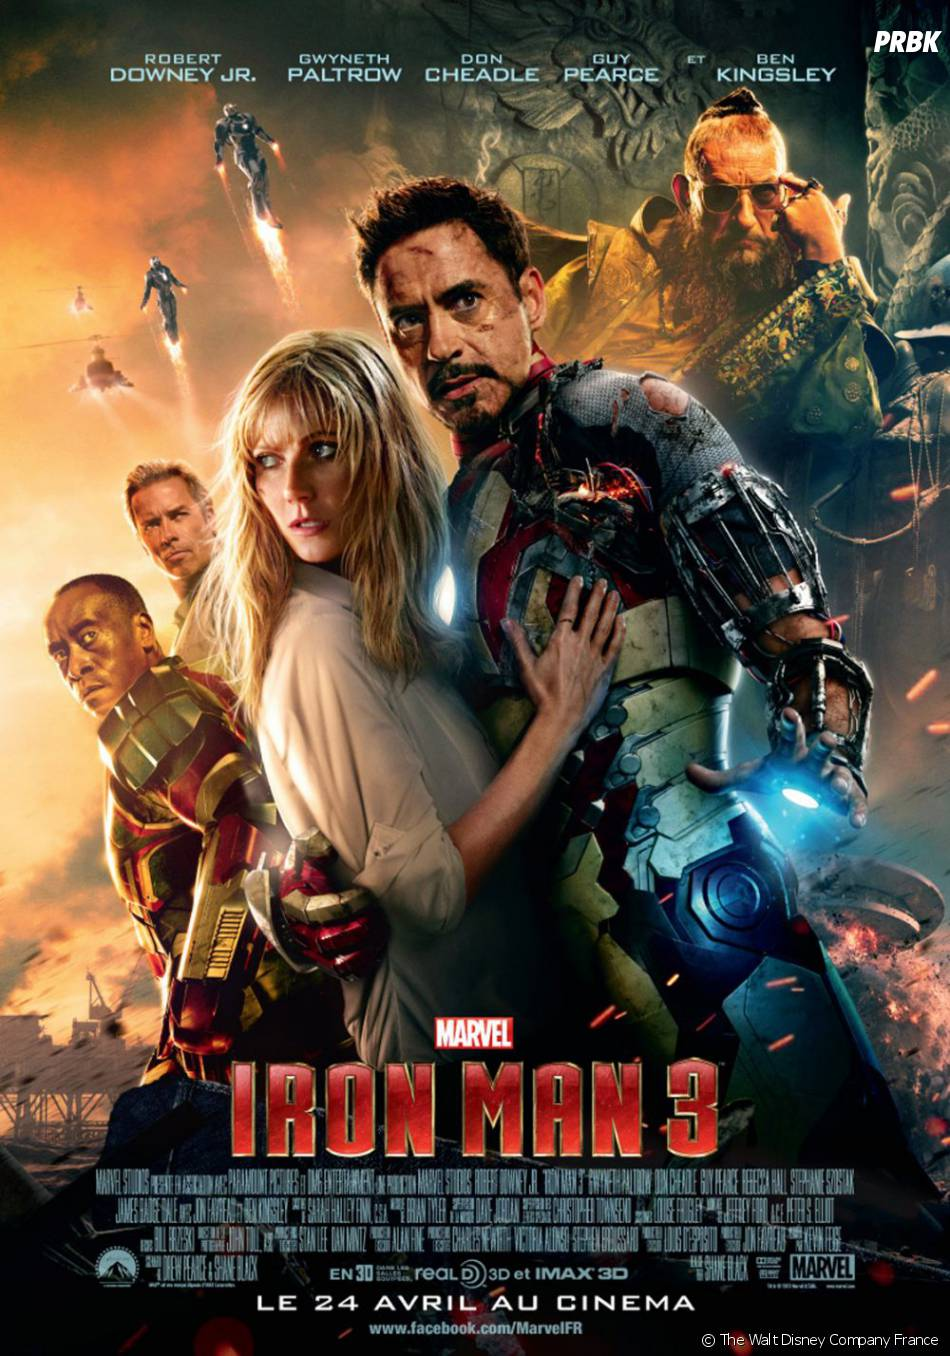 Iron Man 3 bat tous les records au box office américain